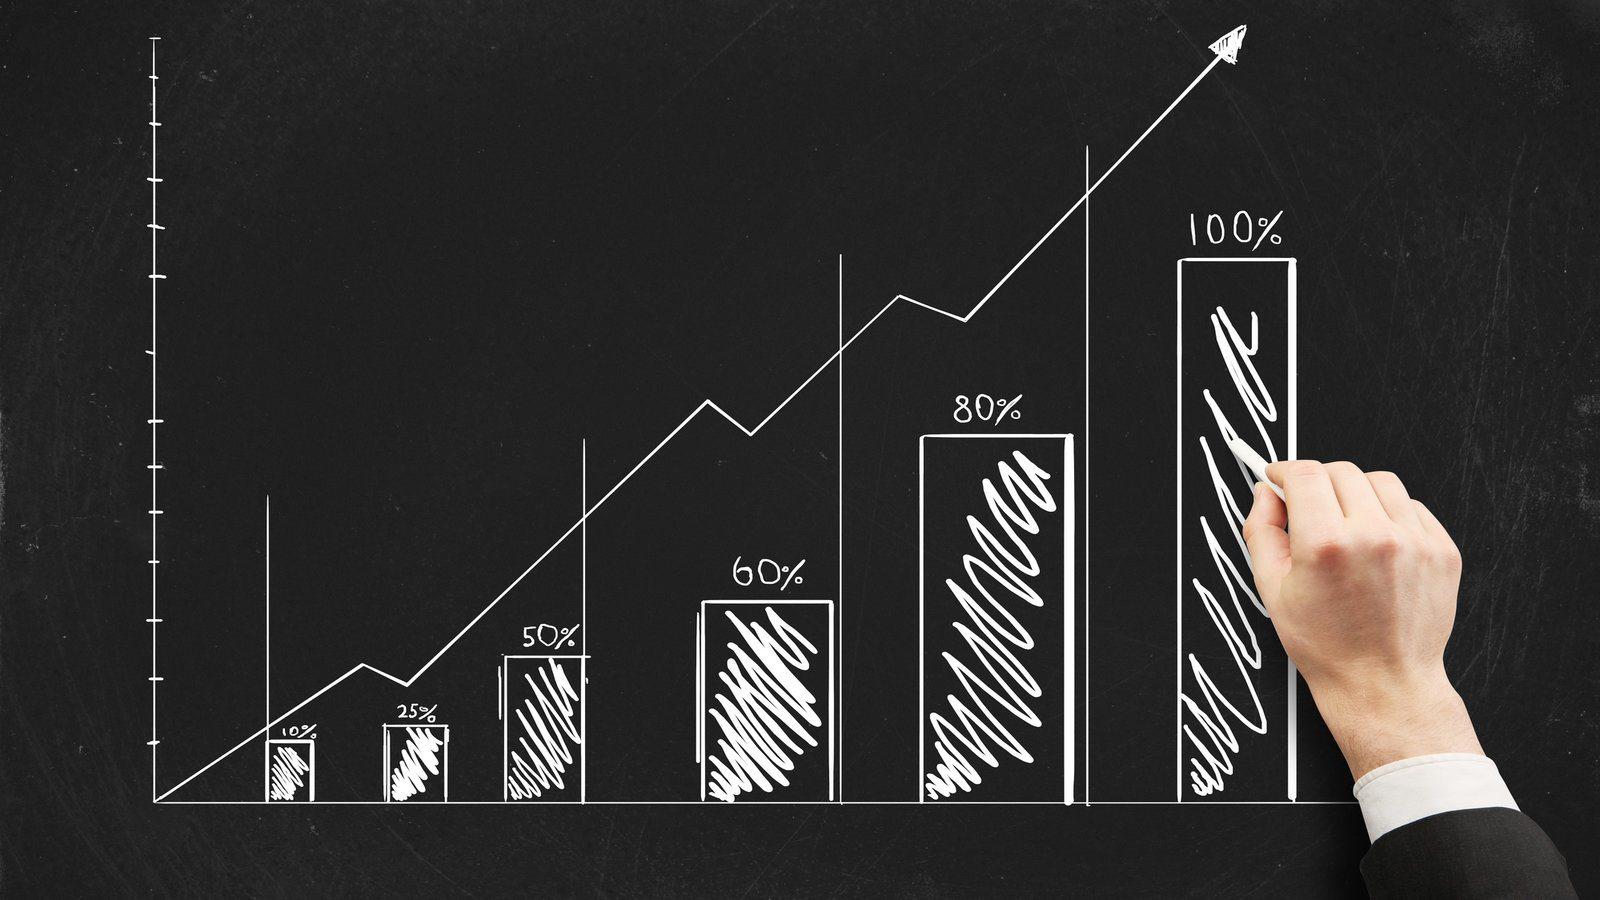 landing page metrics